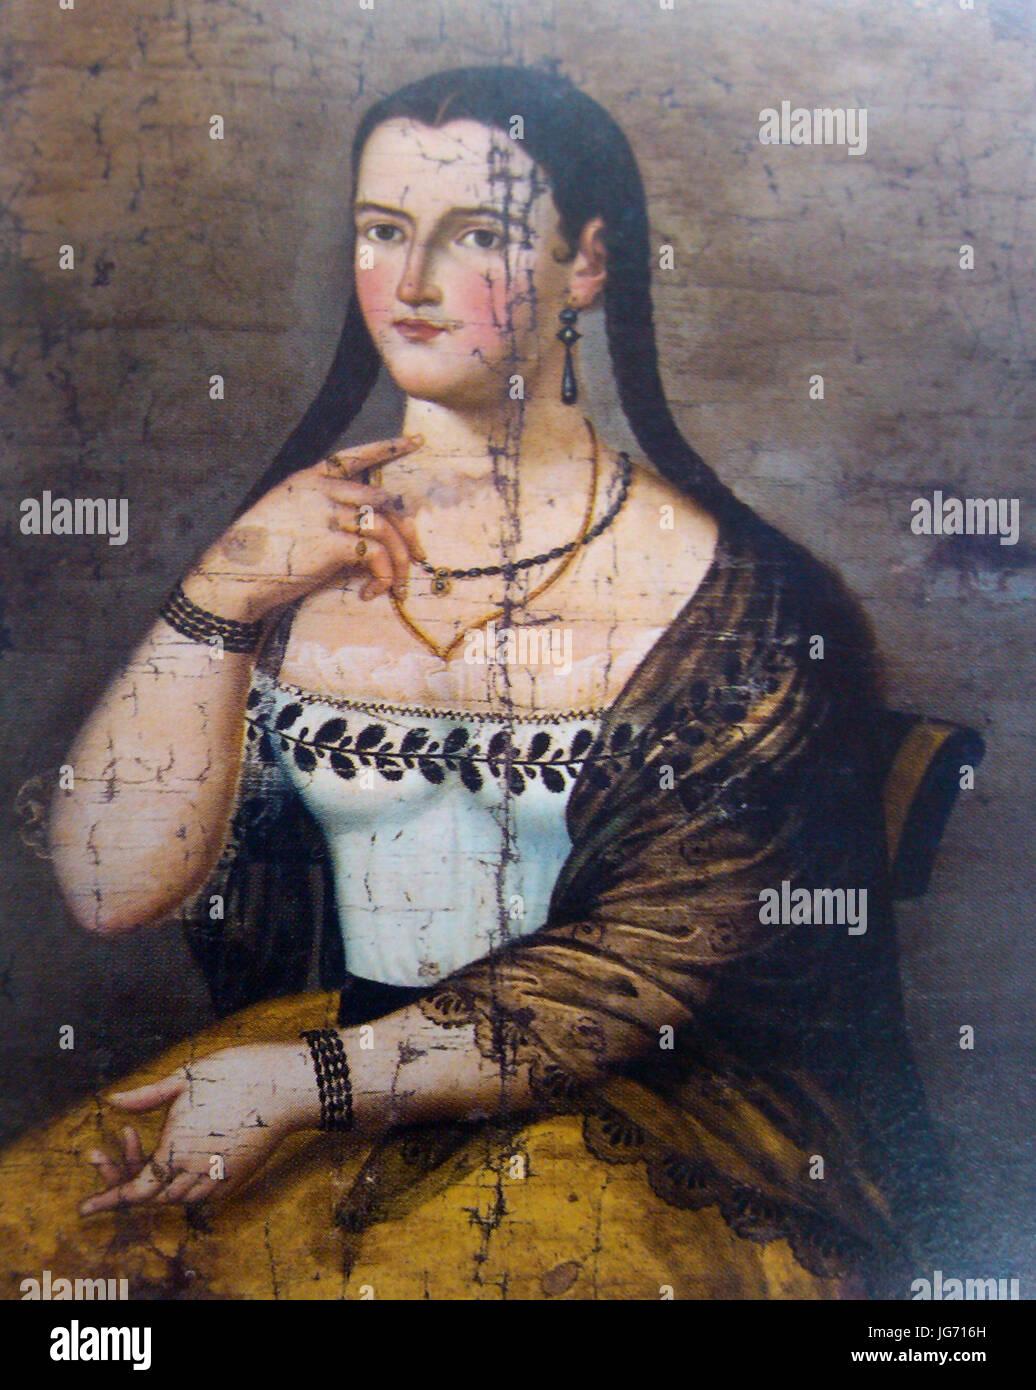 Manuela CaơB1izares (adolescente) 02 Immagini Stock